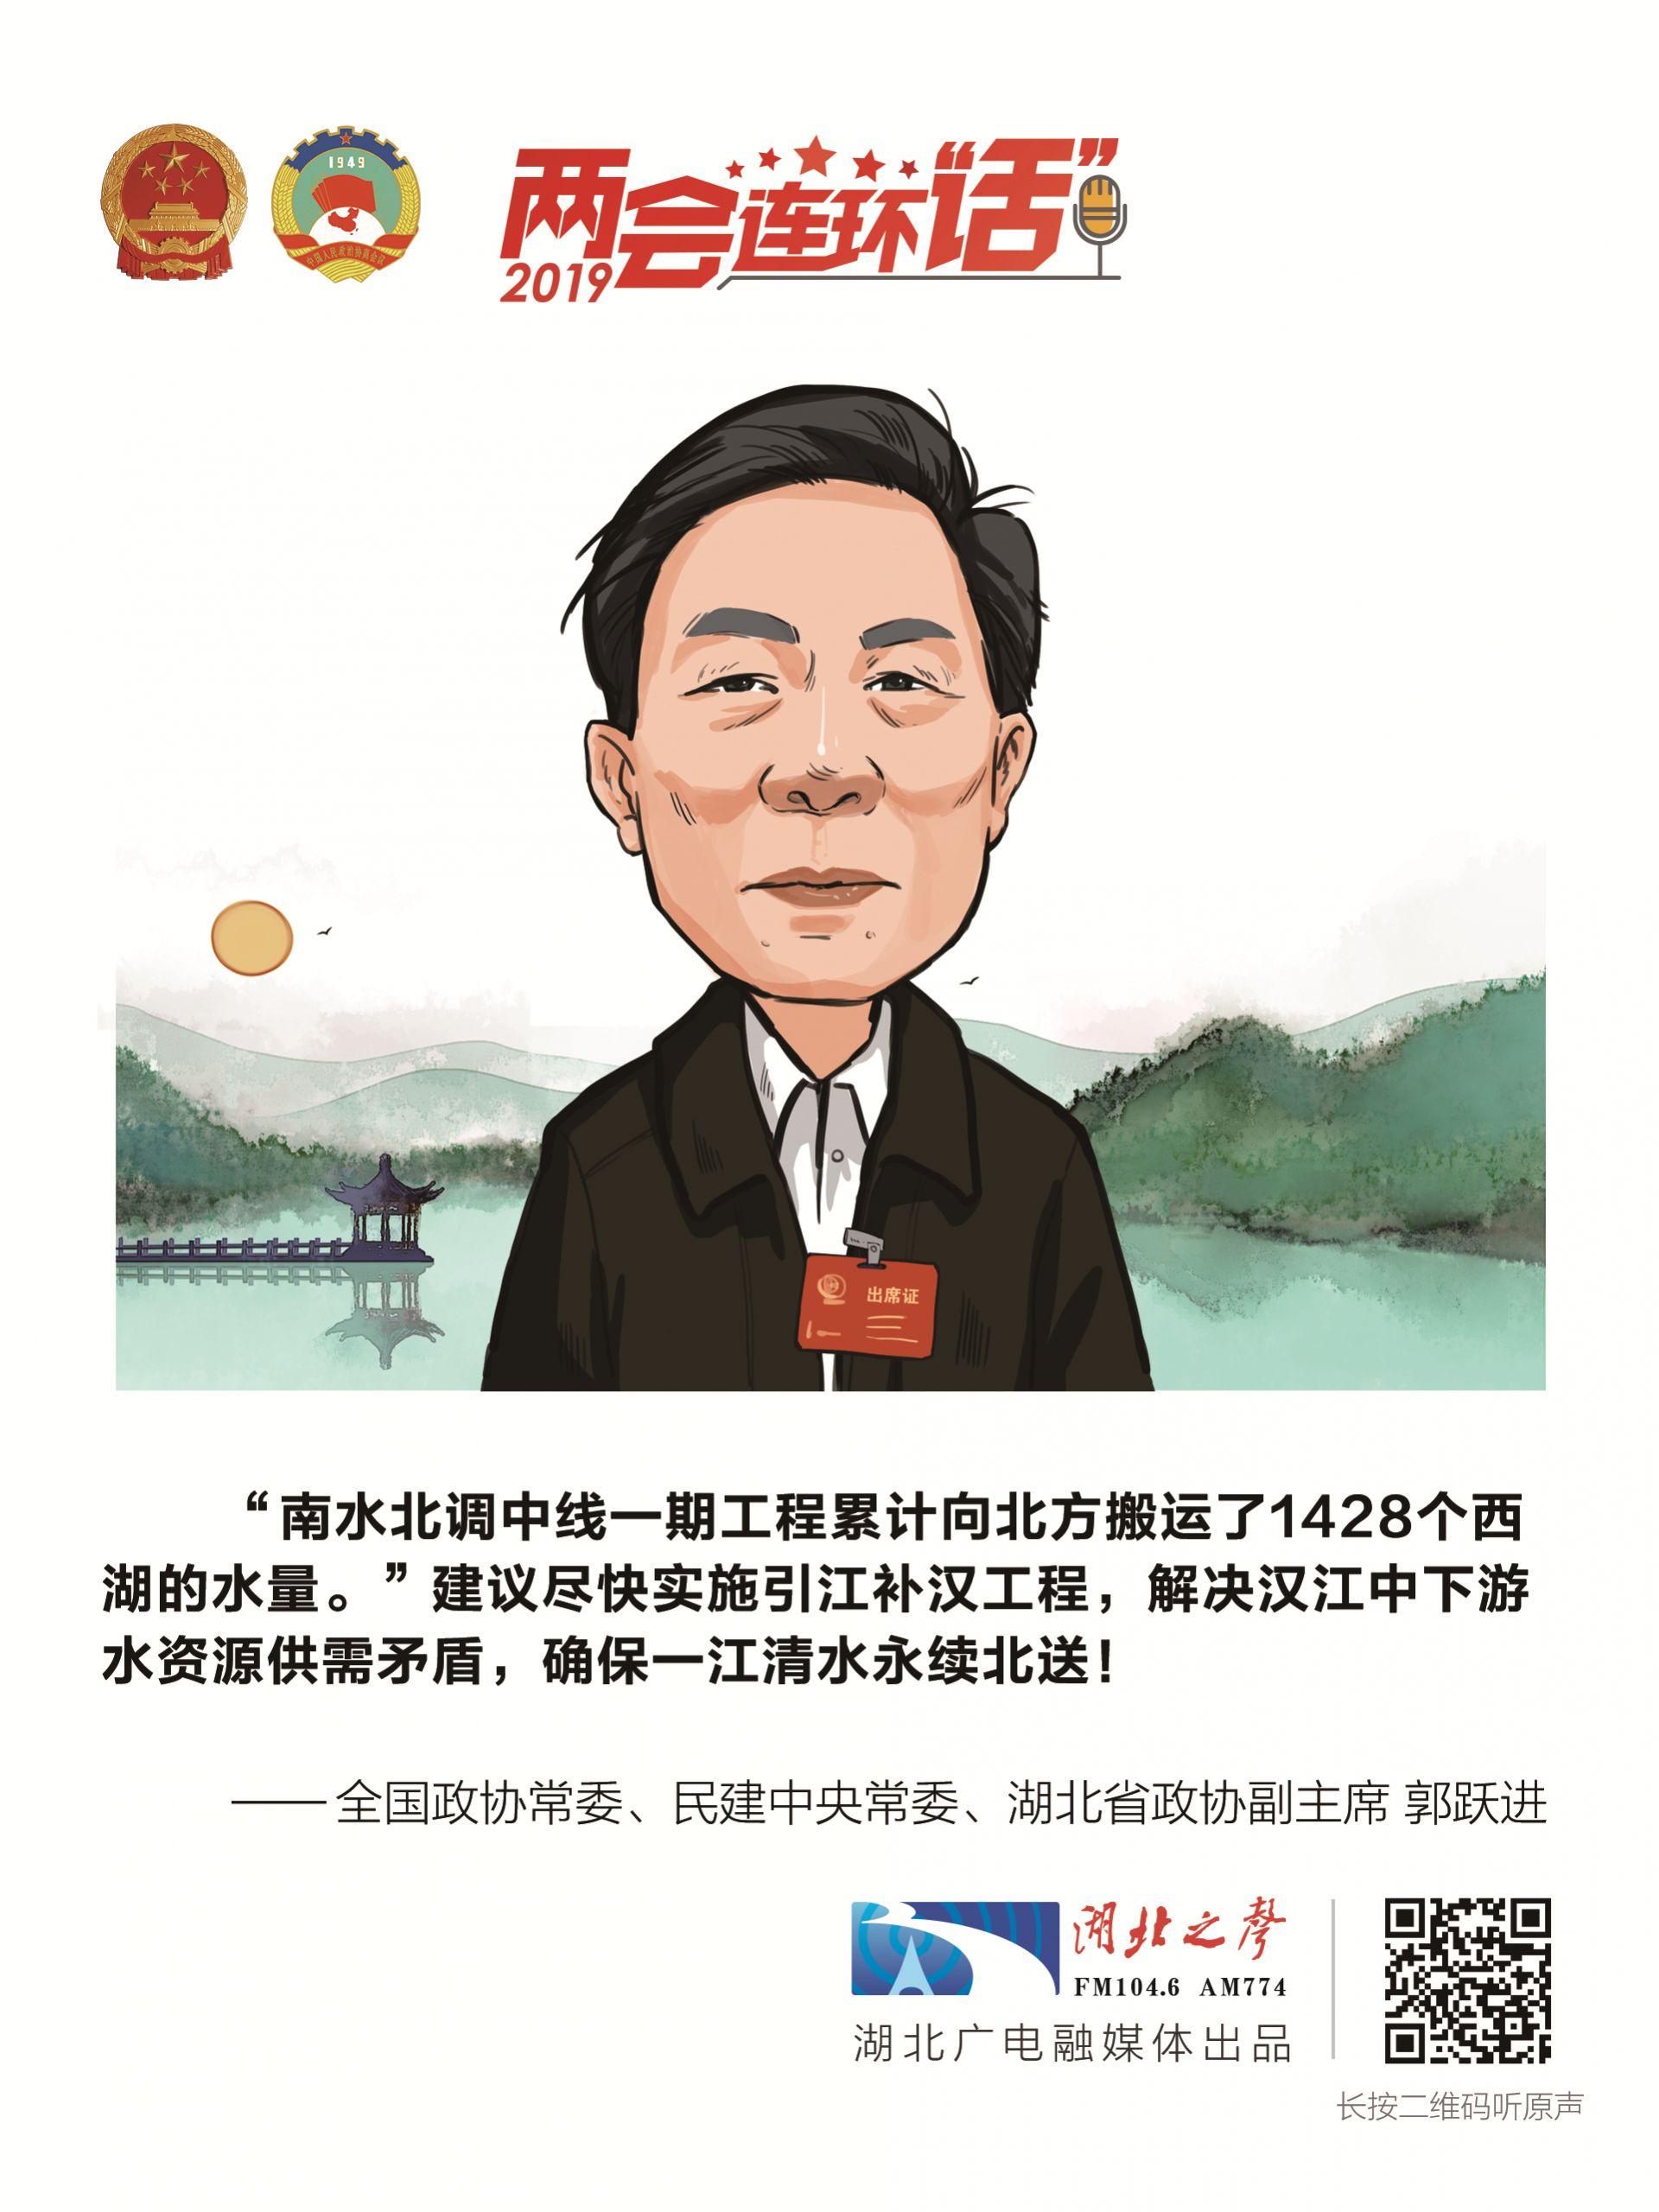 全国政协常委郭跃进:尽快实施引江补汉工程 确保一江_